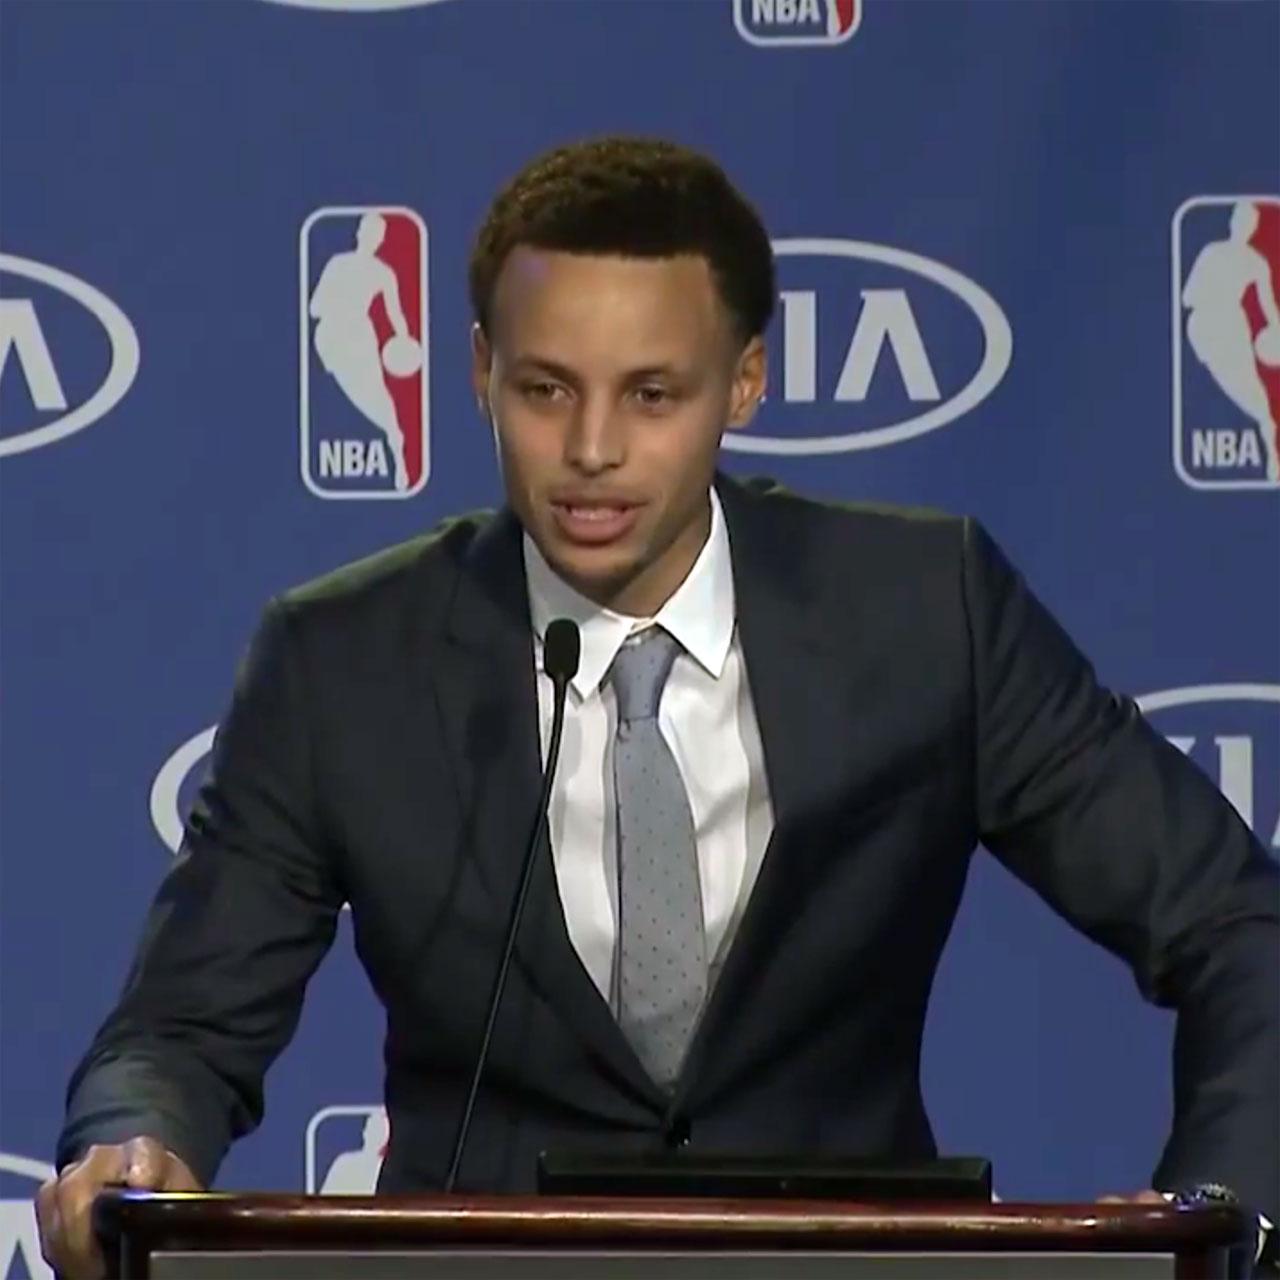 Stephen Curry gives NBA MVP speech